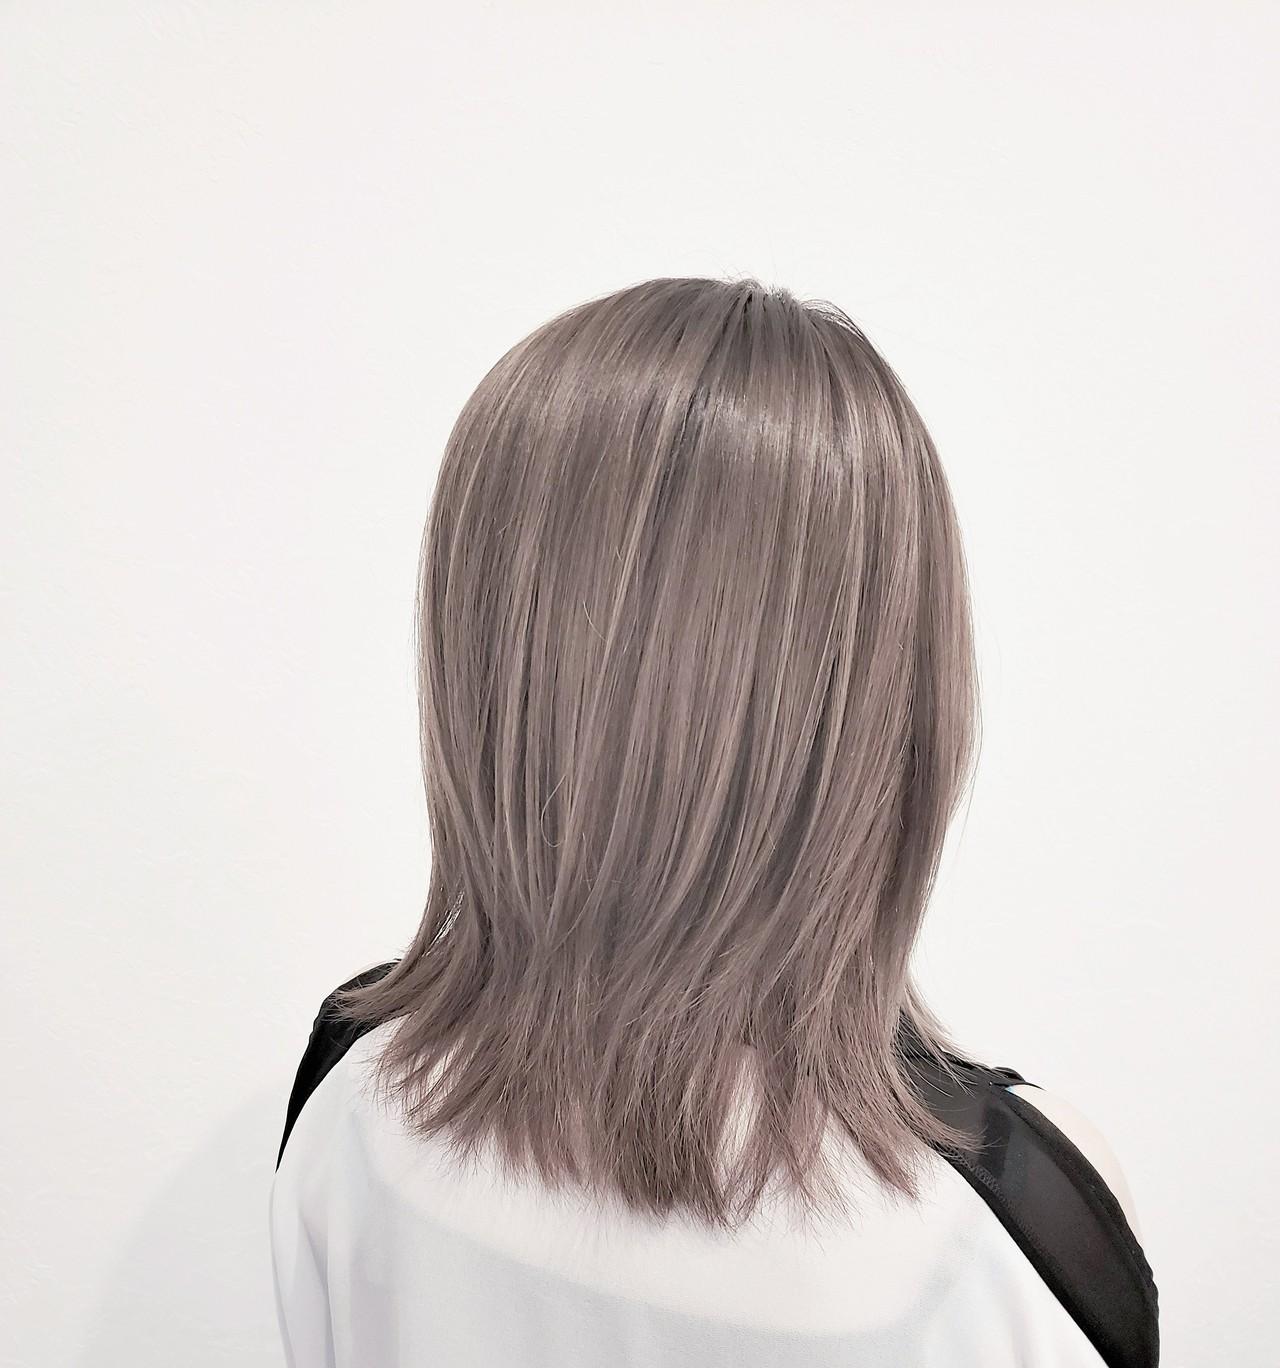 ハイライト 透明感 髪質改善トリートメント ブリーチヘアスタイルや髪型の写真・画像